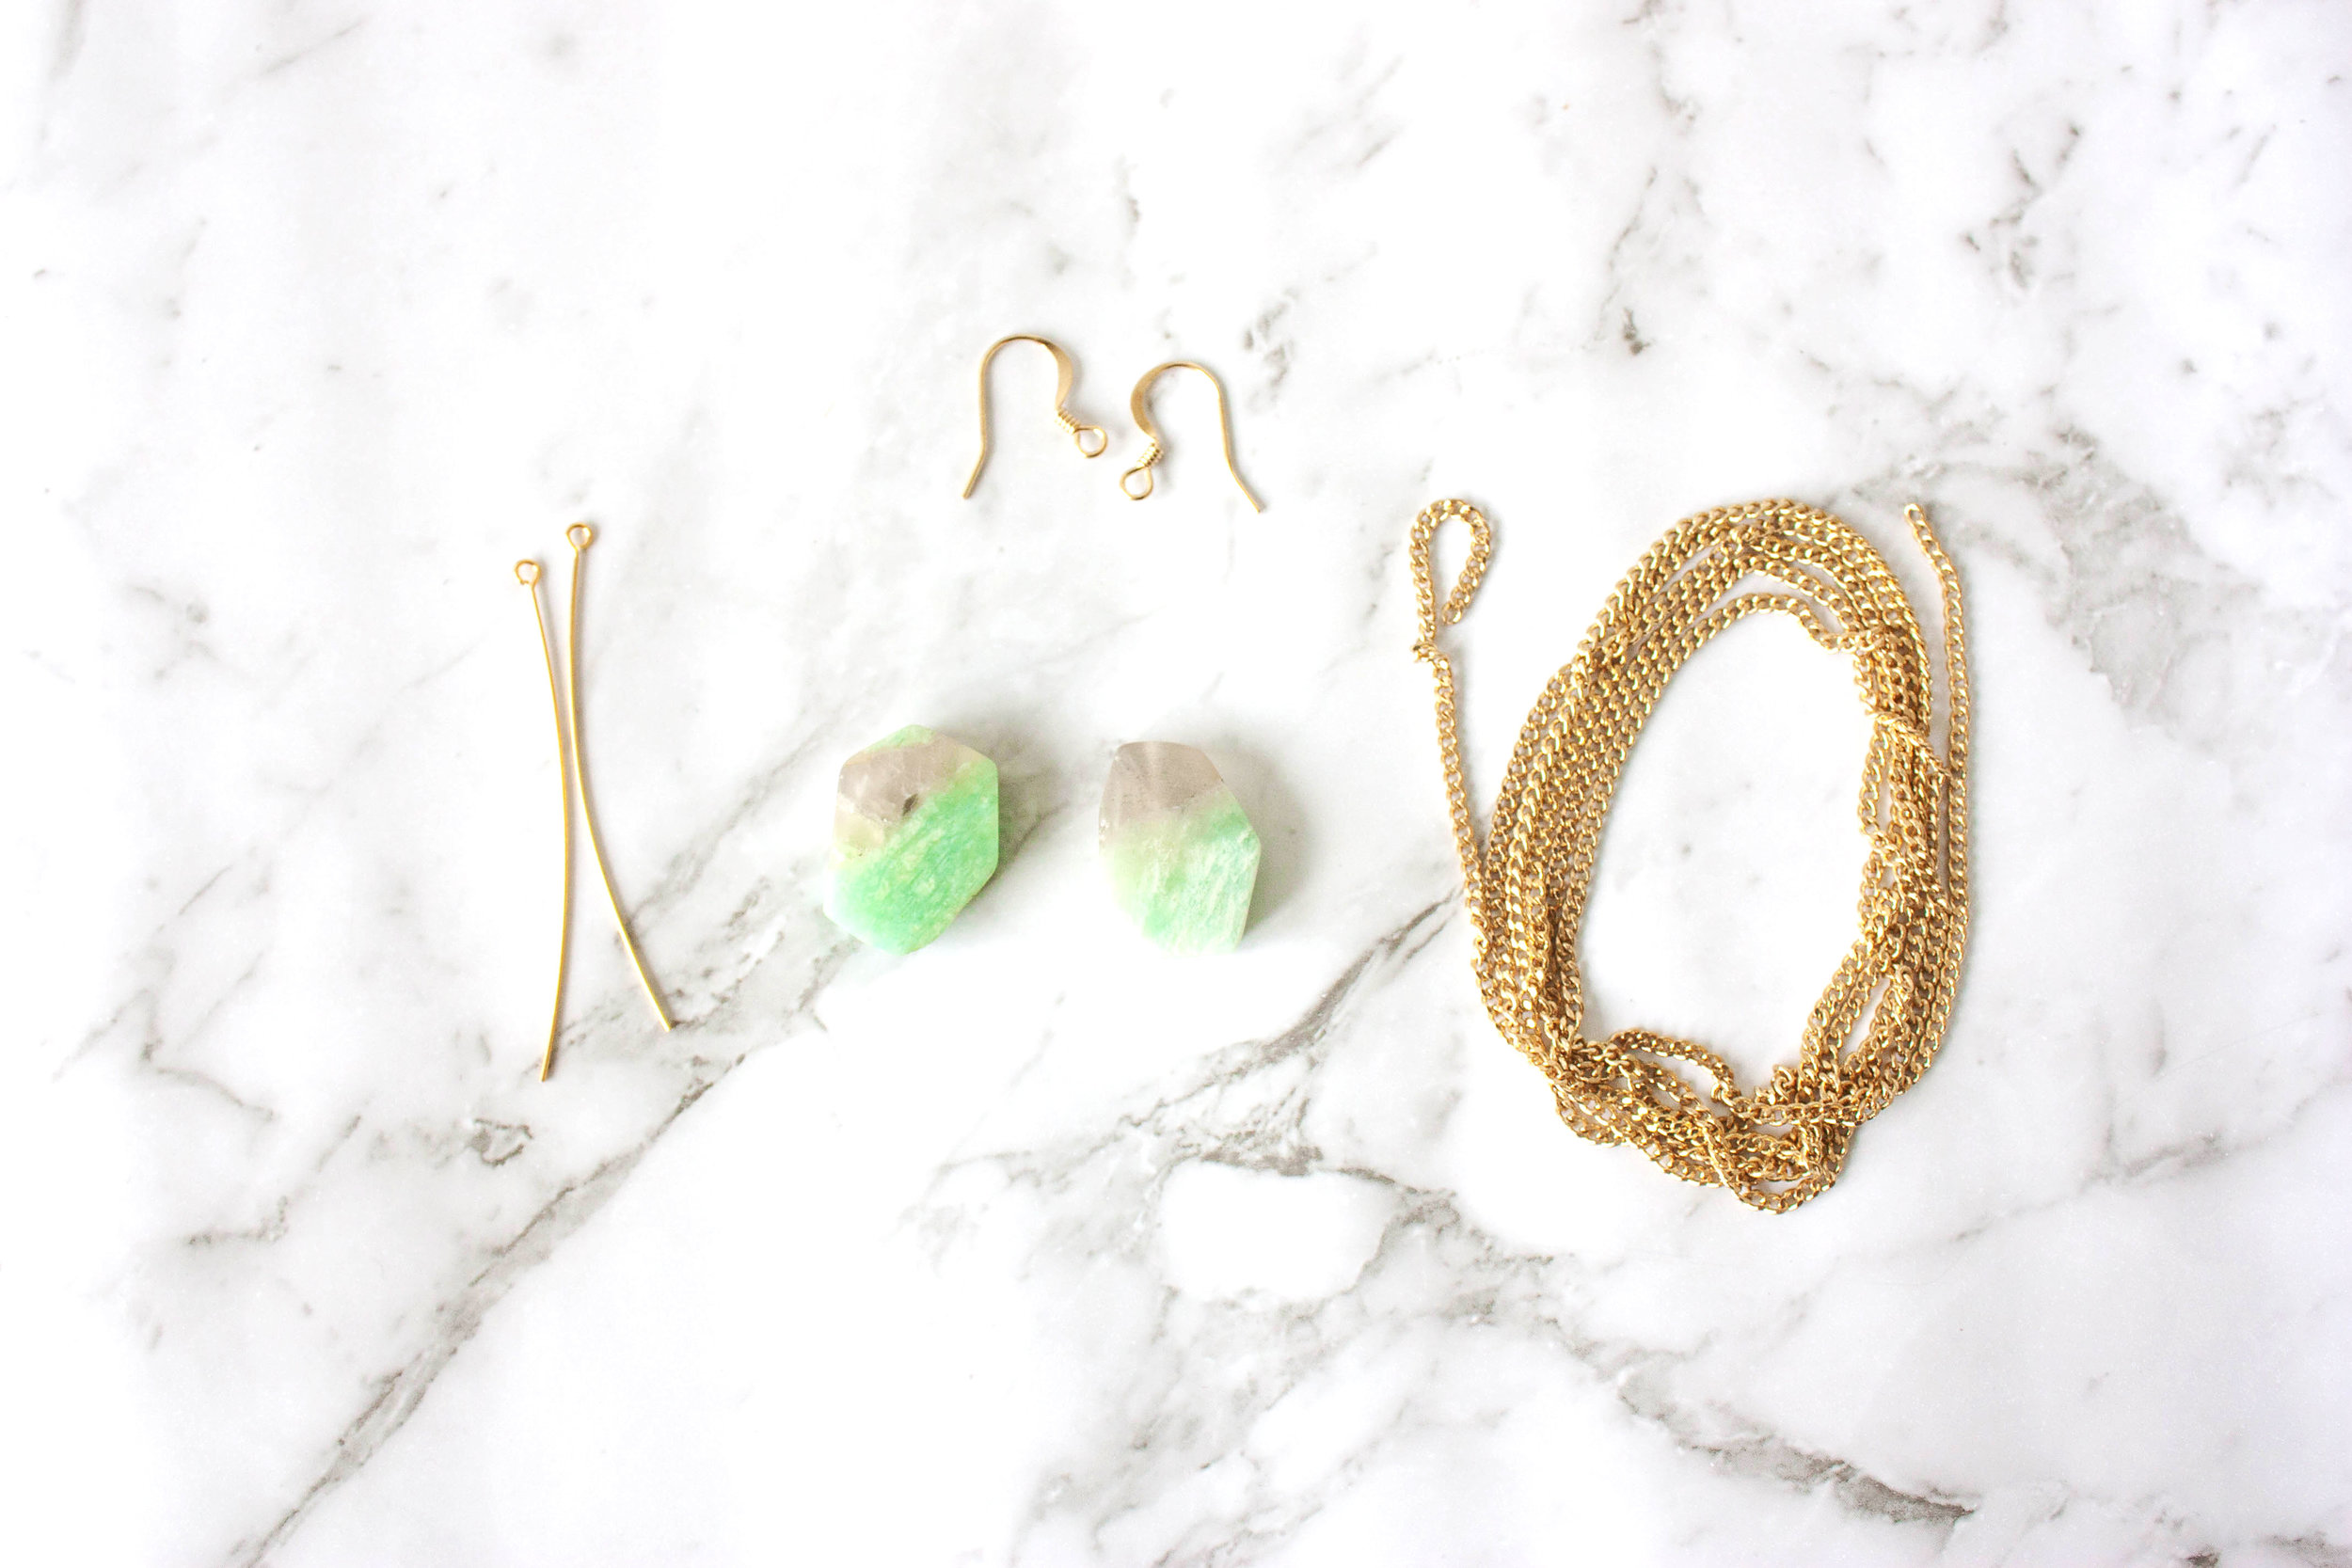 Serena Van Der Woodsen Inspired Earrings - Supplies - Kitty Gang